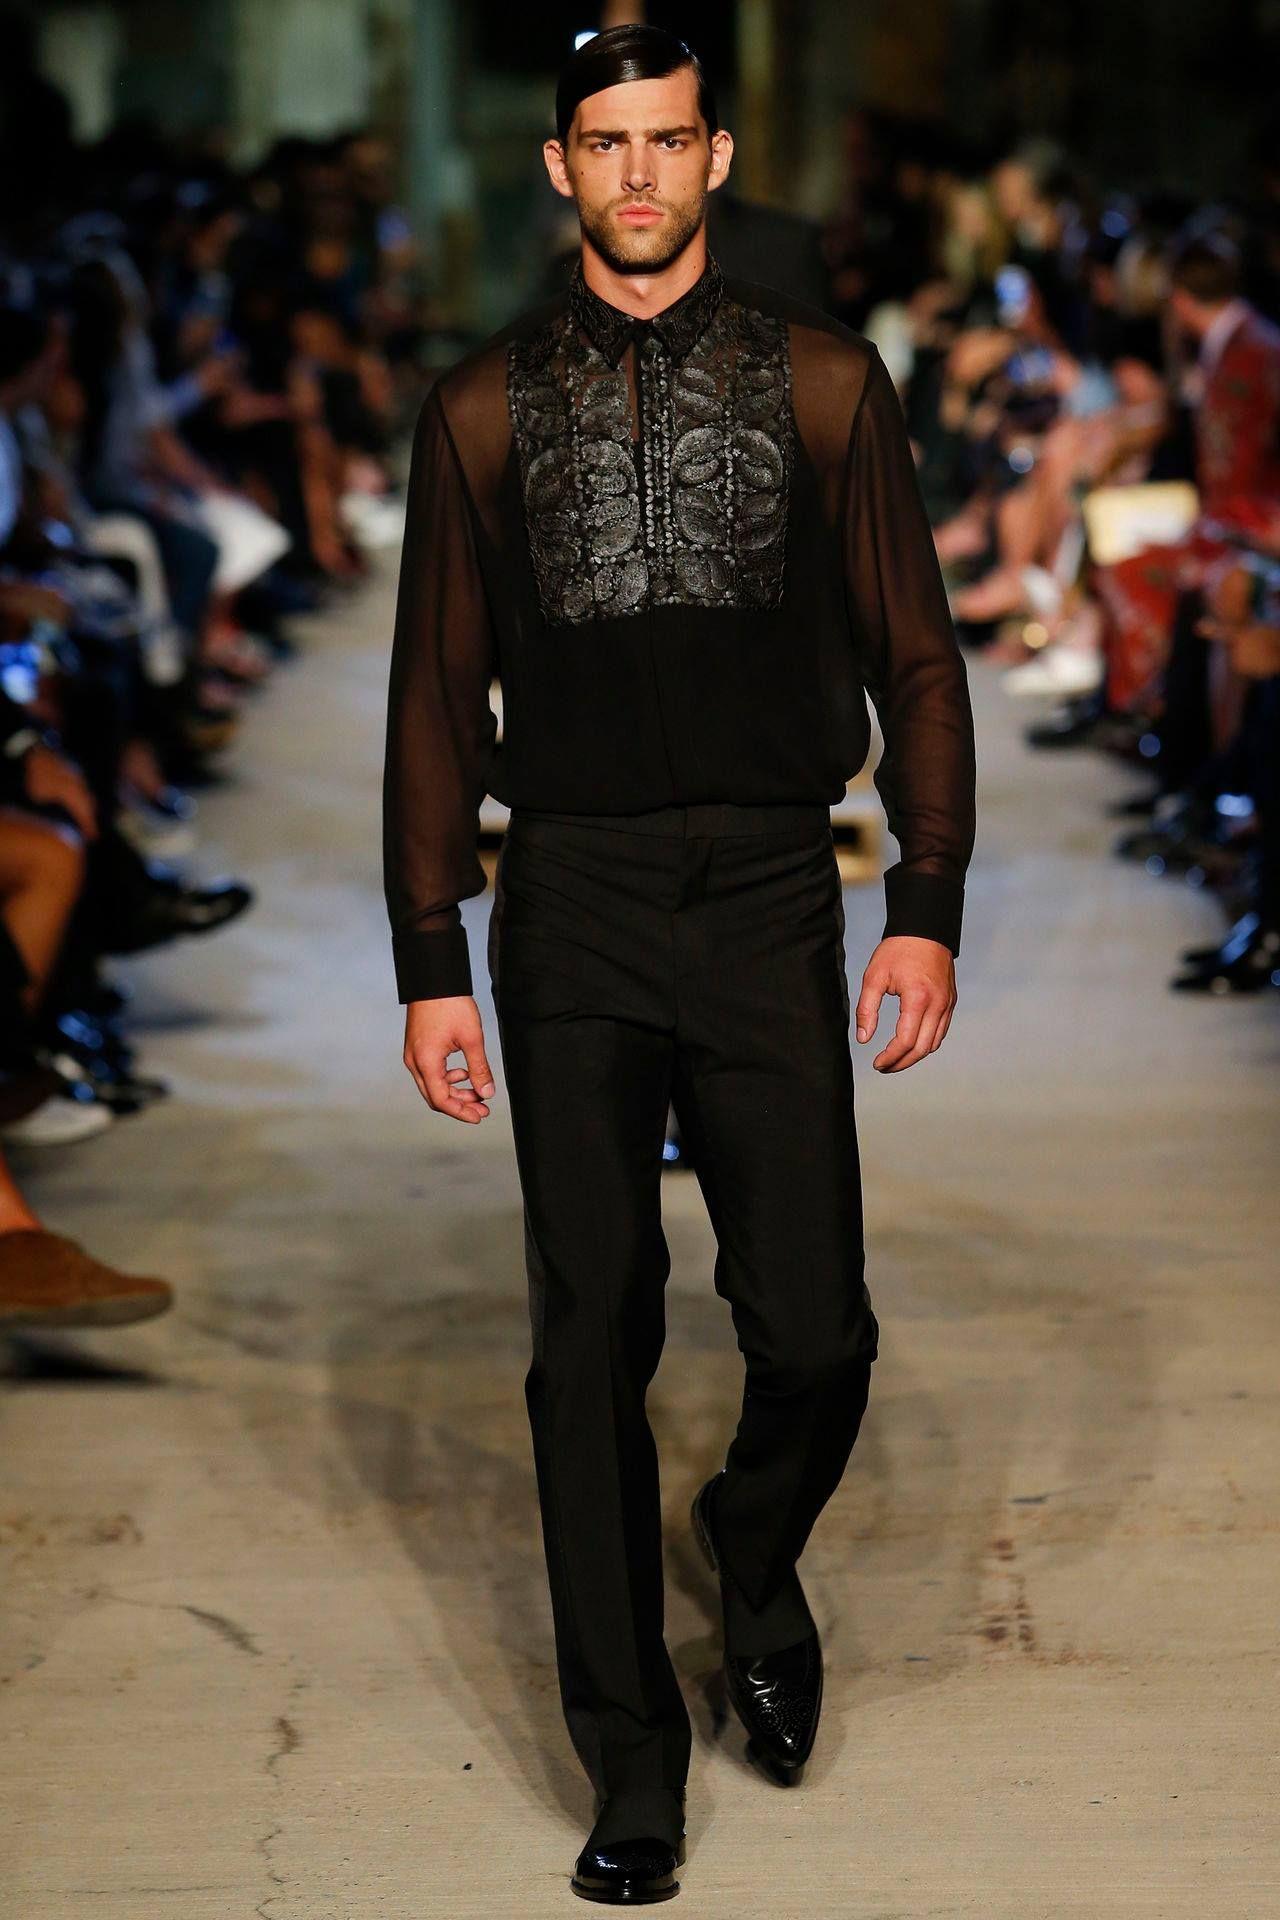 Givenchy Spring Summer 2016 Collection Primavera Verano - #Menswear #Trends #Tendencias #Moda Hombre